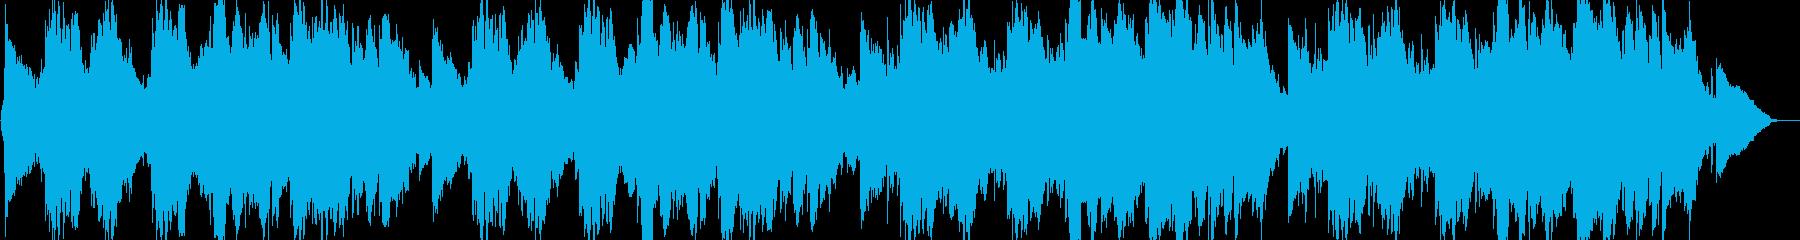 叙情的な感動のピアノバラードの再生済みの波形